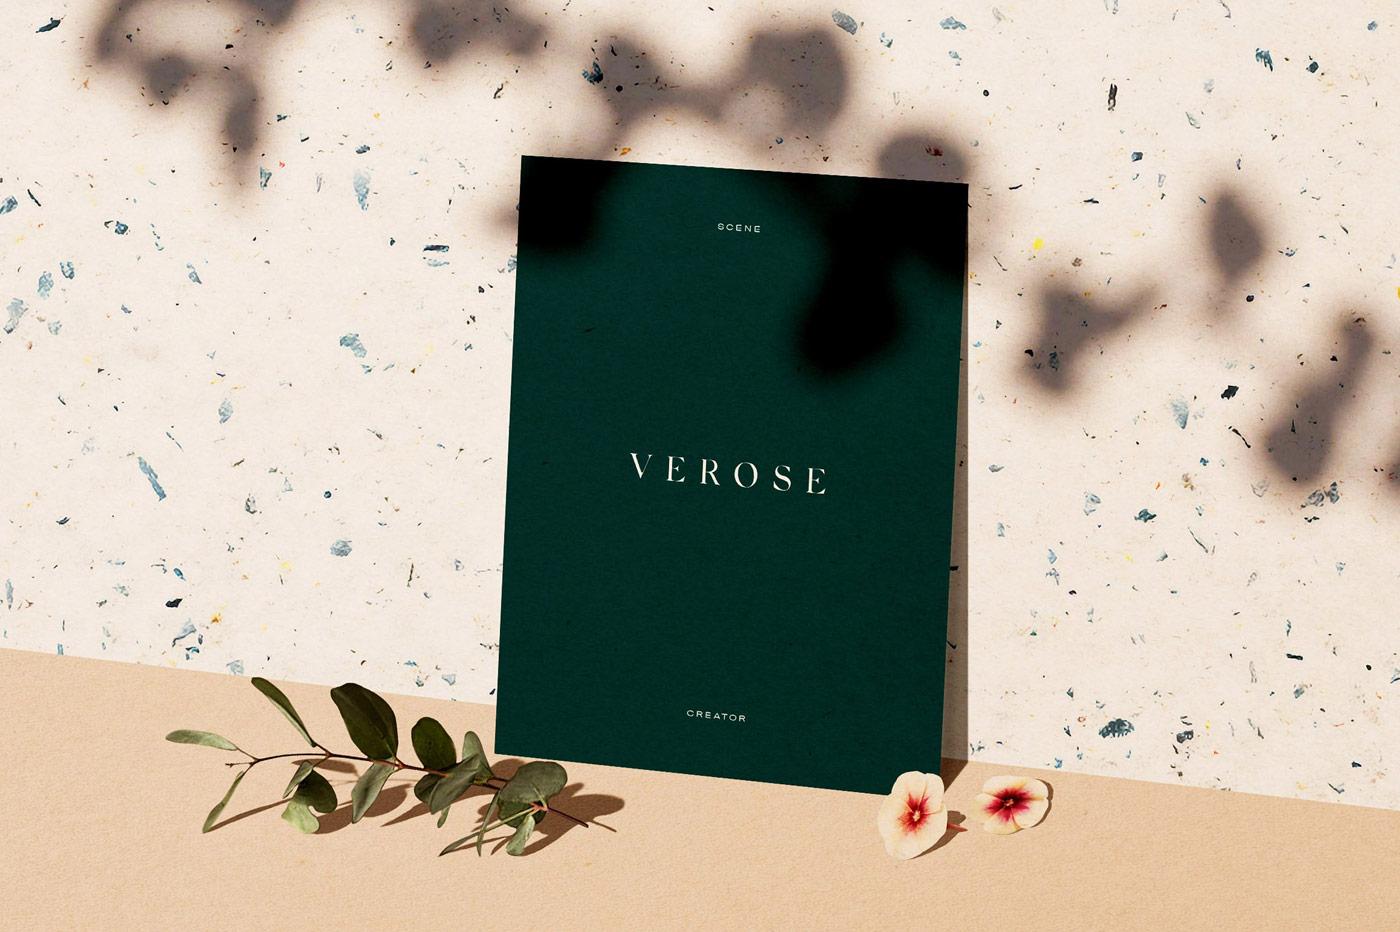 Verose scene creator from October November